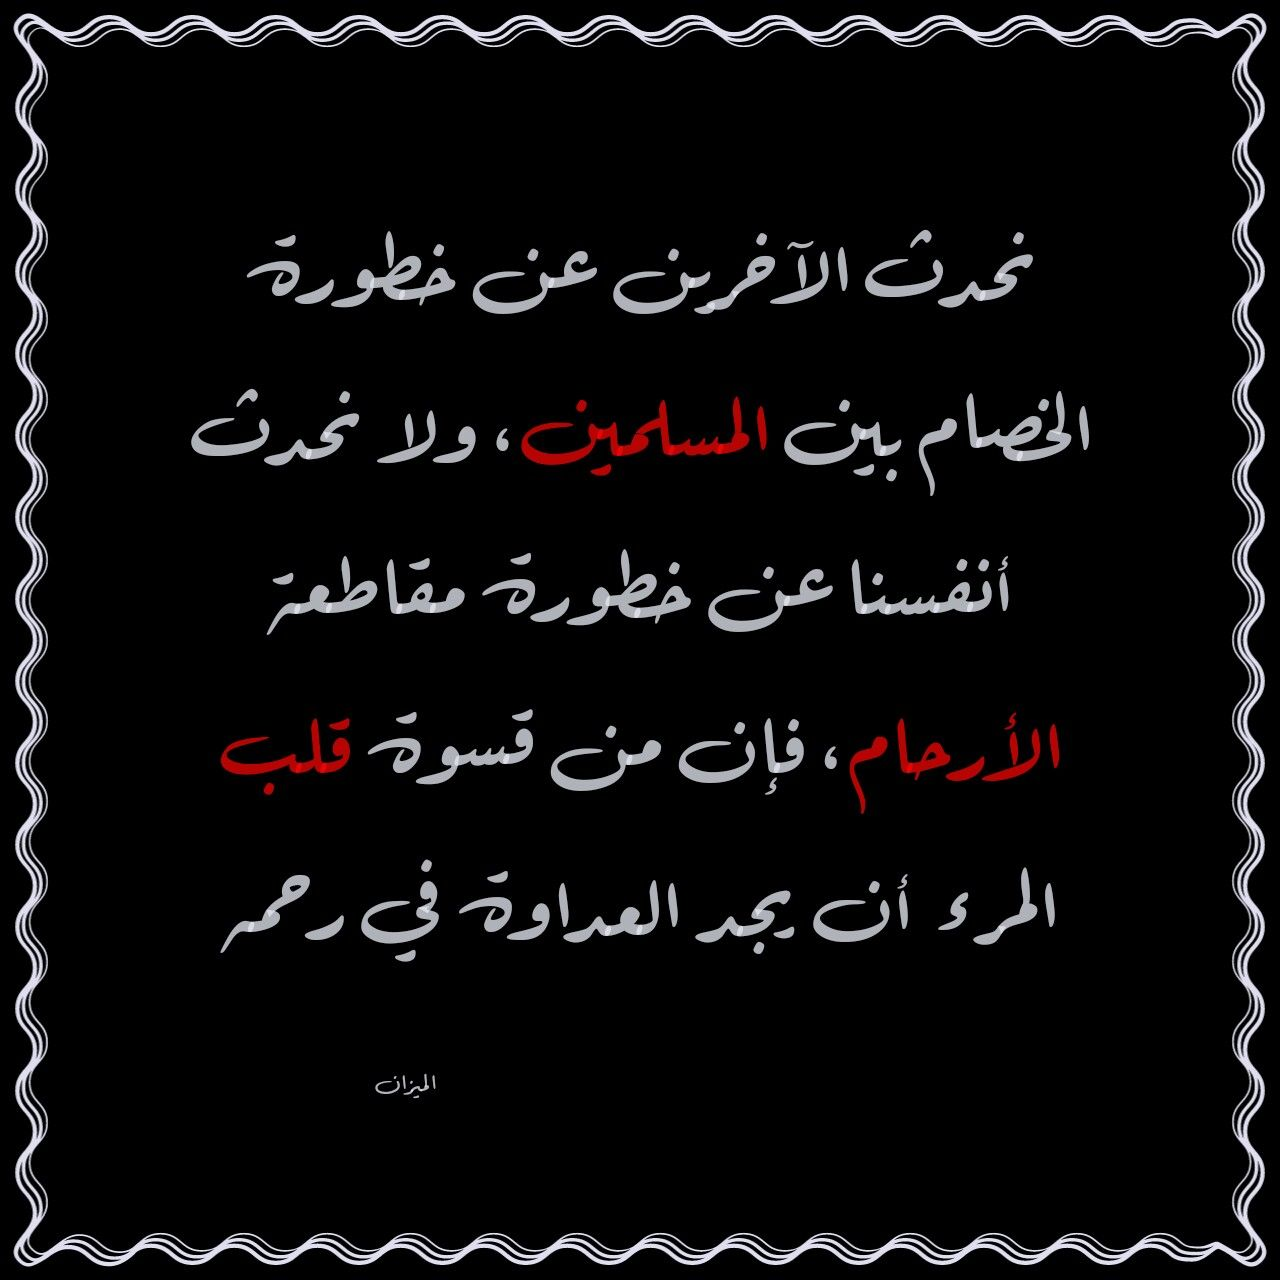 نحدث الآخرين عن خطورة الخصام بين المسلمين ولا نحدث أنفسنا عن خطورة مقاطعة الأرحام فإن من قسوة قلب المرء أن يجد ال Quotations Arabic Calligraphy Calligraphy